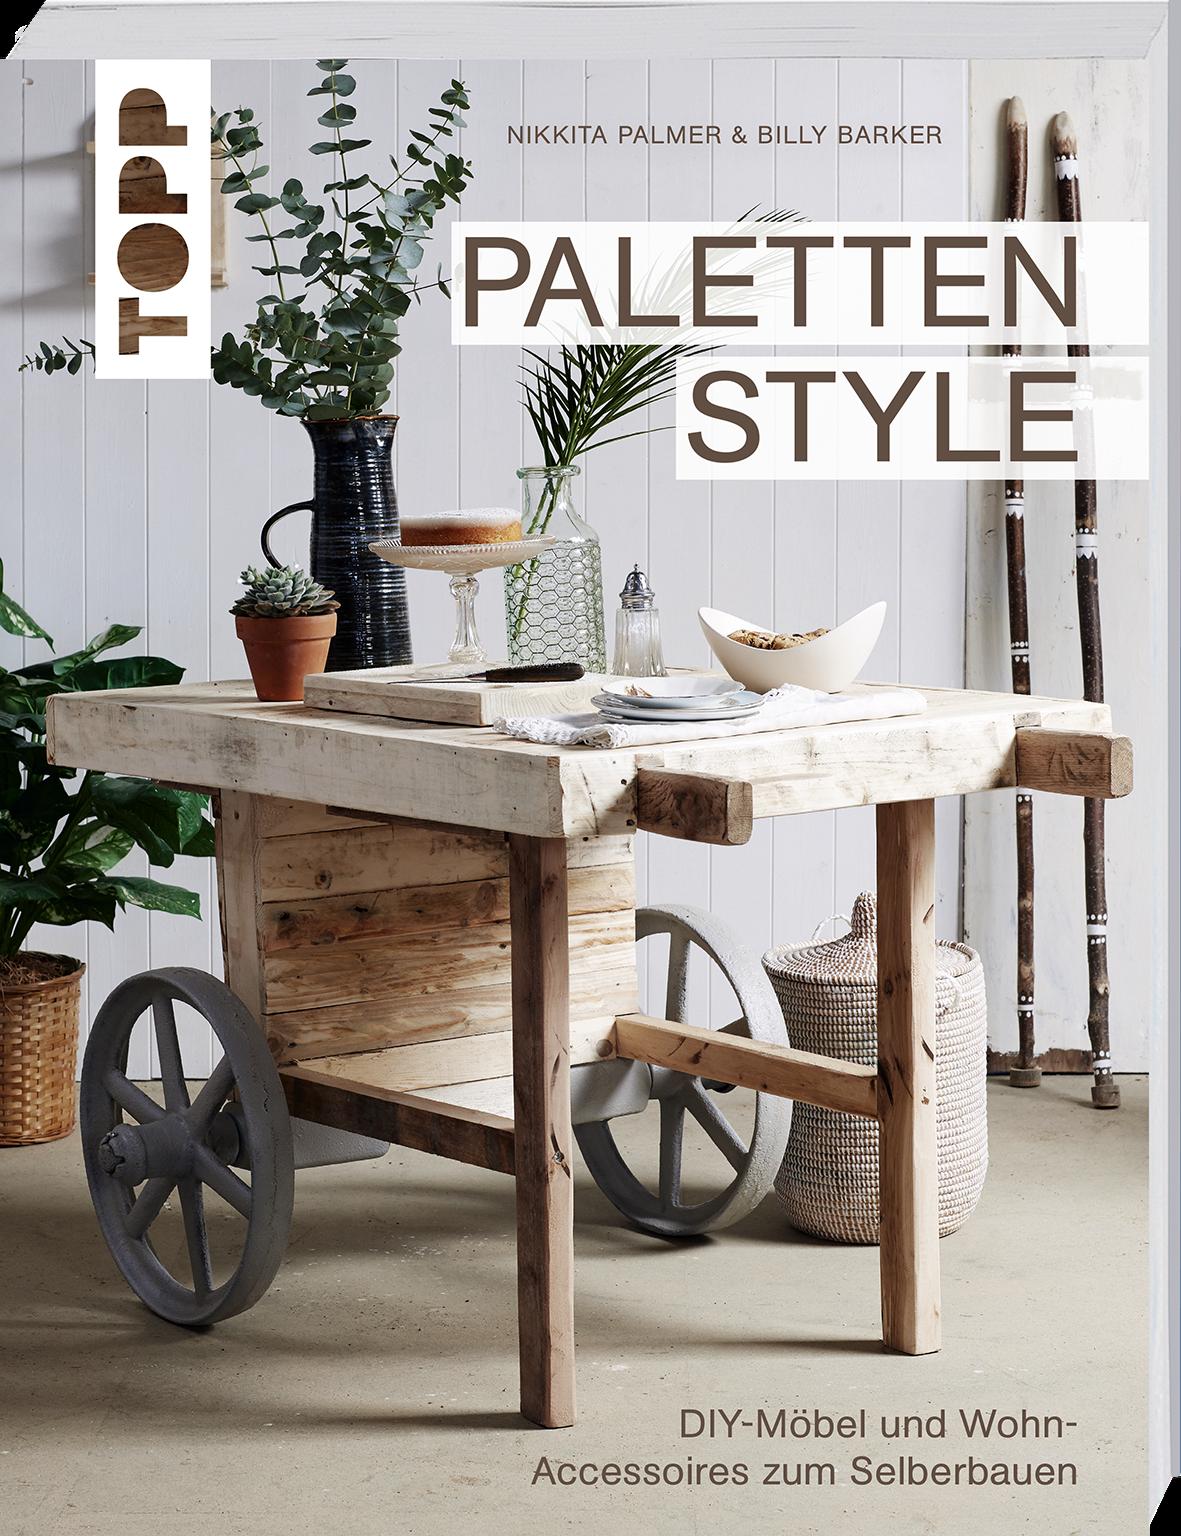 paletten style holz schnitzen laubsagen basteln bucher topp kreativ de ist ein webshop von deutschlands fuhrendem ratgeberverlag fur kreativitat